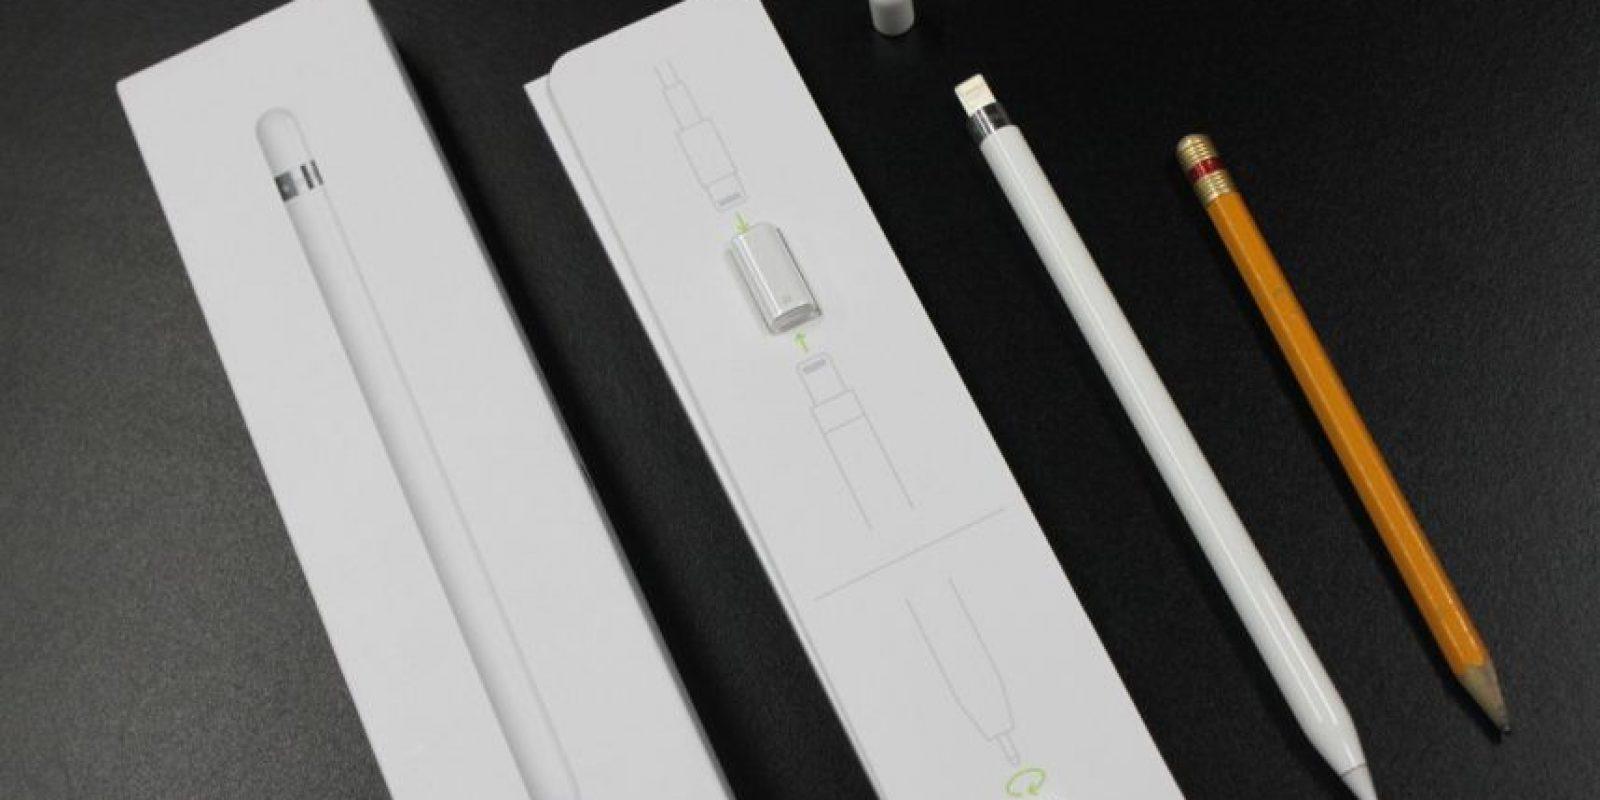 Comparativo del Apple Pencil con un lápiz de madera. Foto:Nicolás Corte